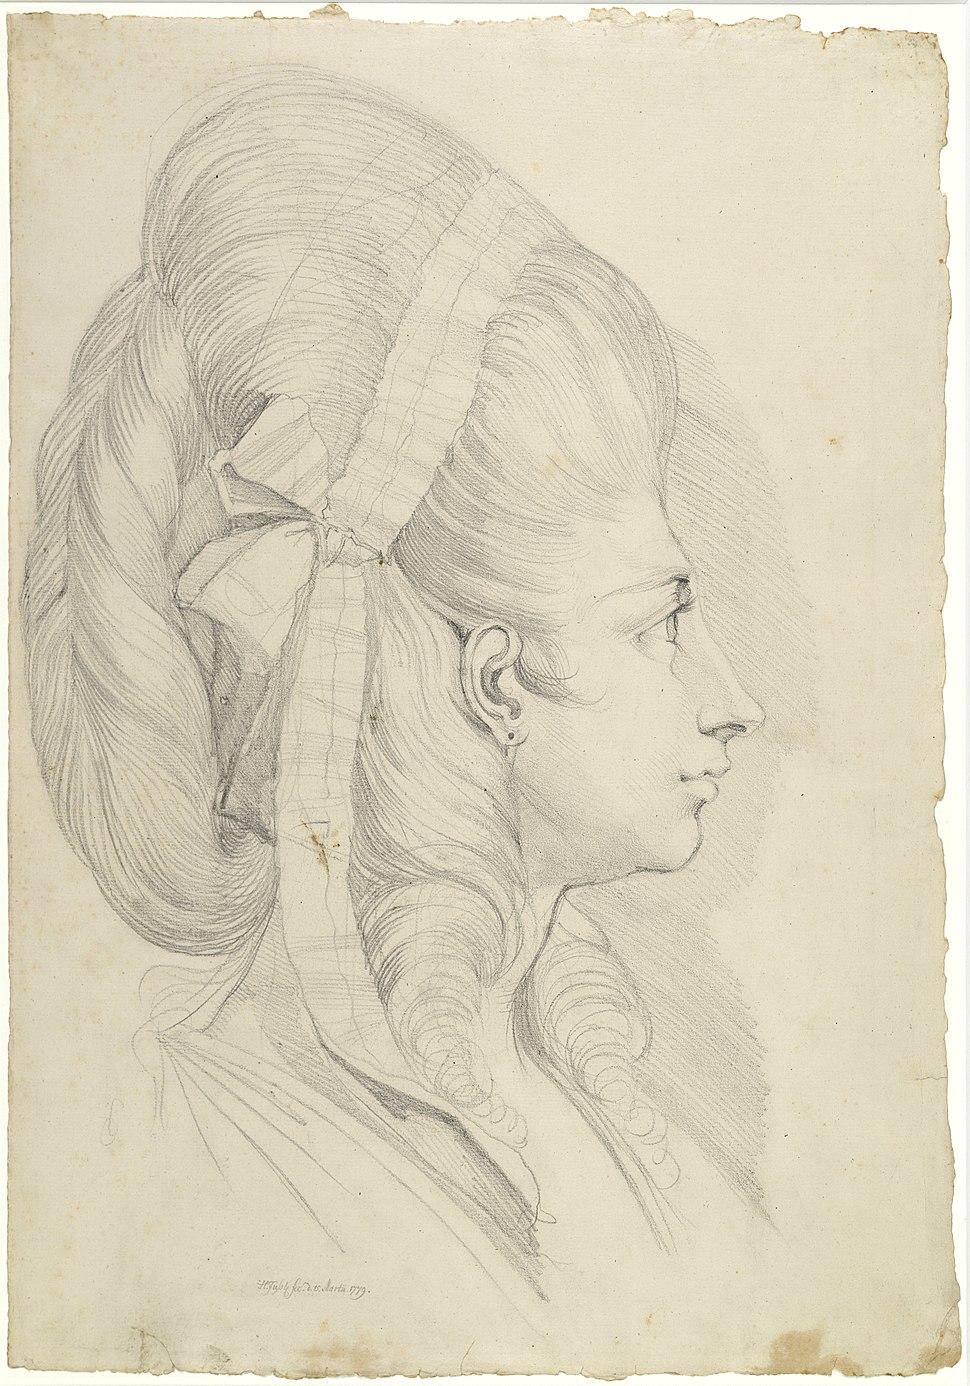 Zentralbibliothek Zürich - Portät von Anna Magdalena Schweizer geb Hess im Alter von 27 Jahren - 000003019